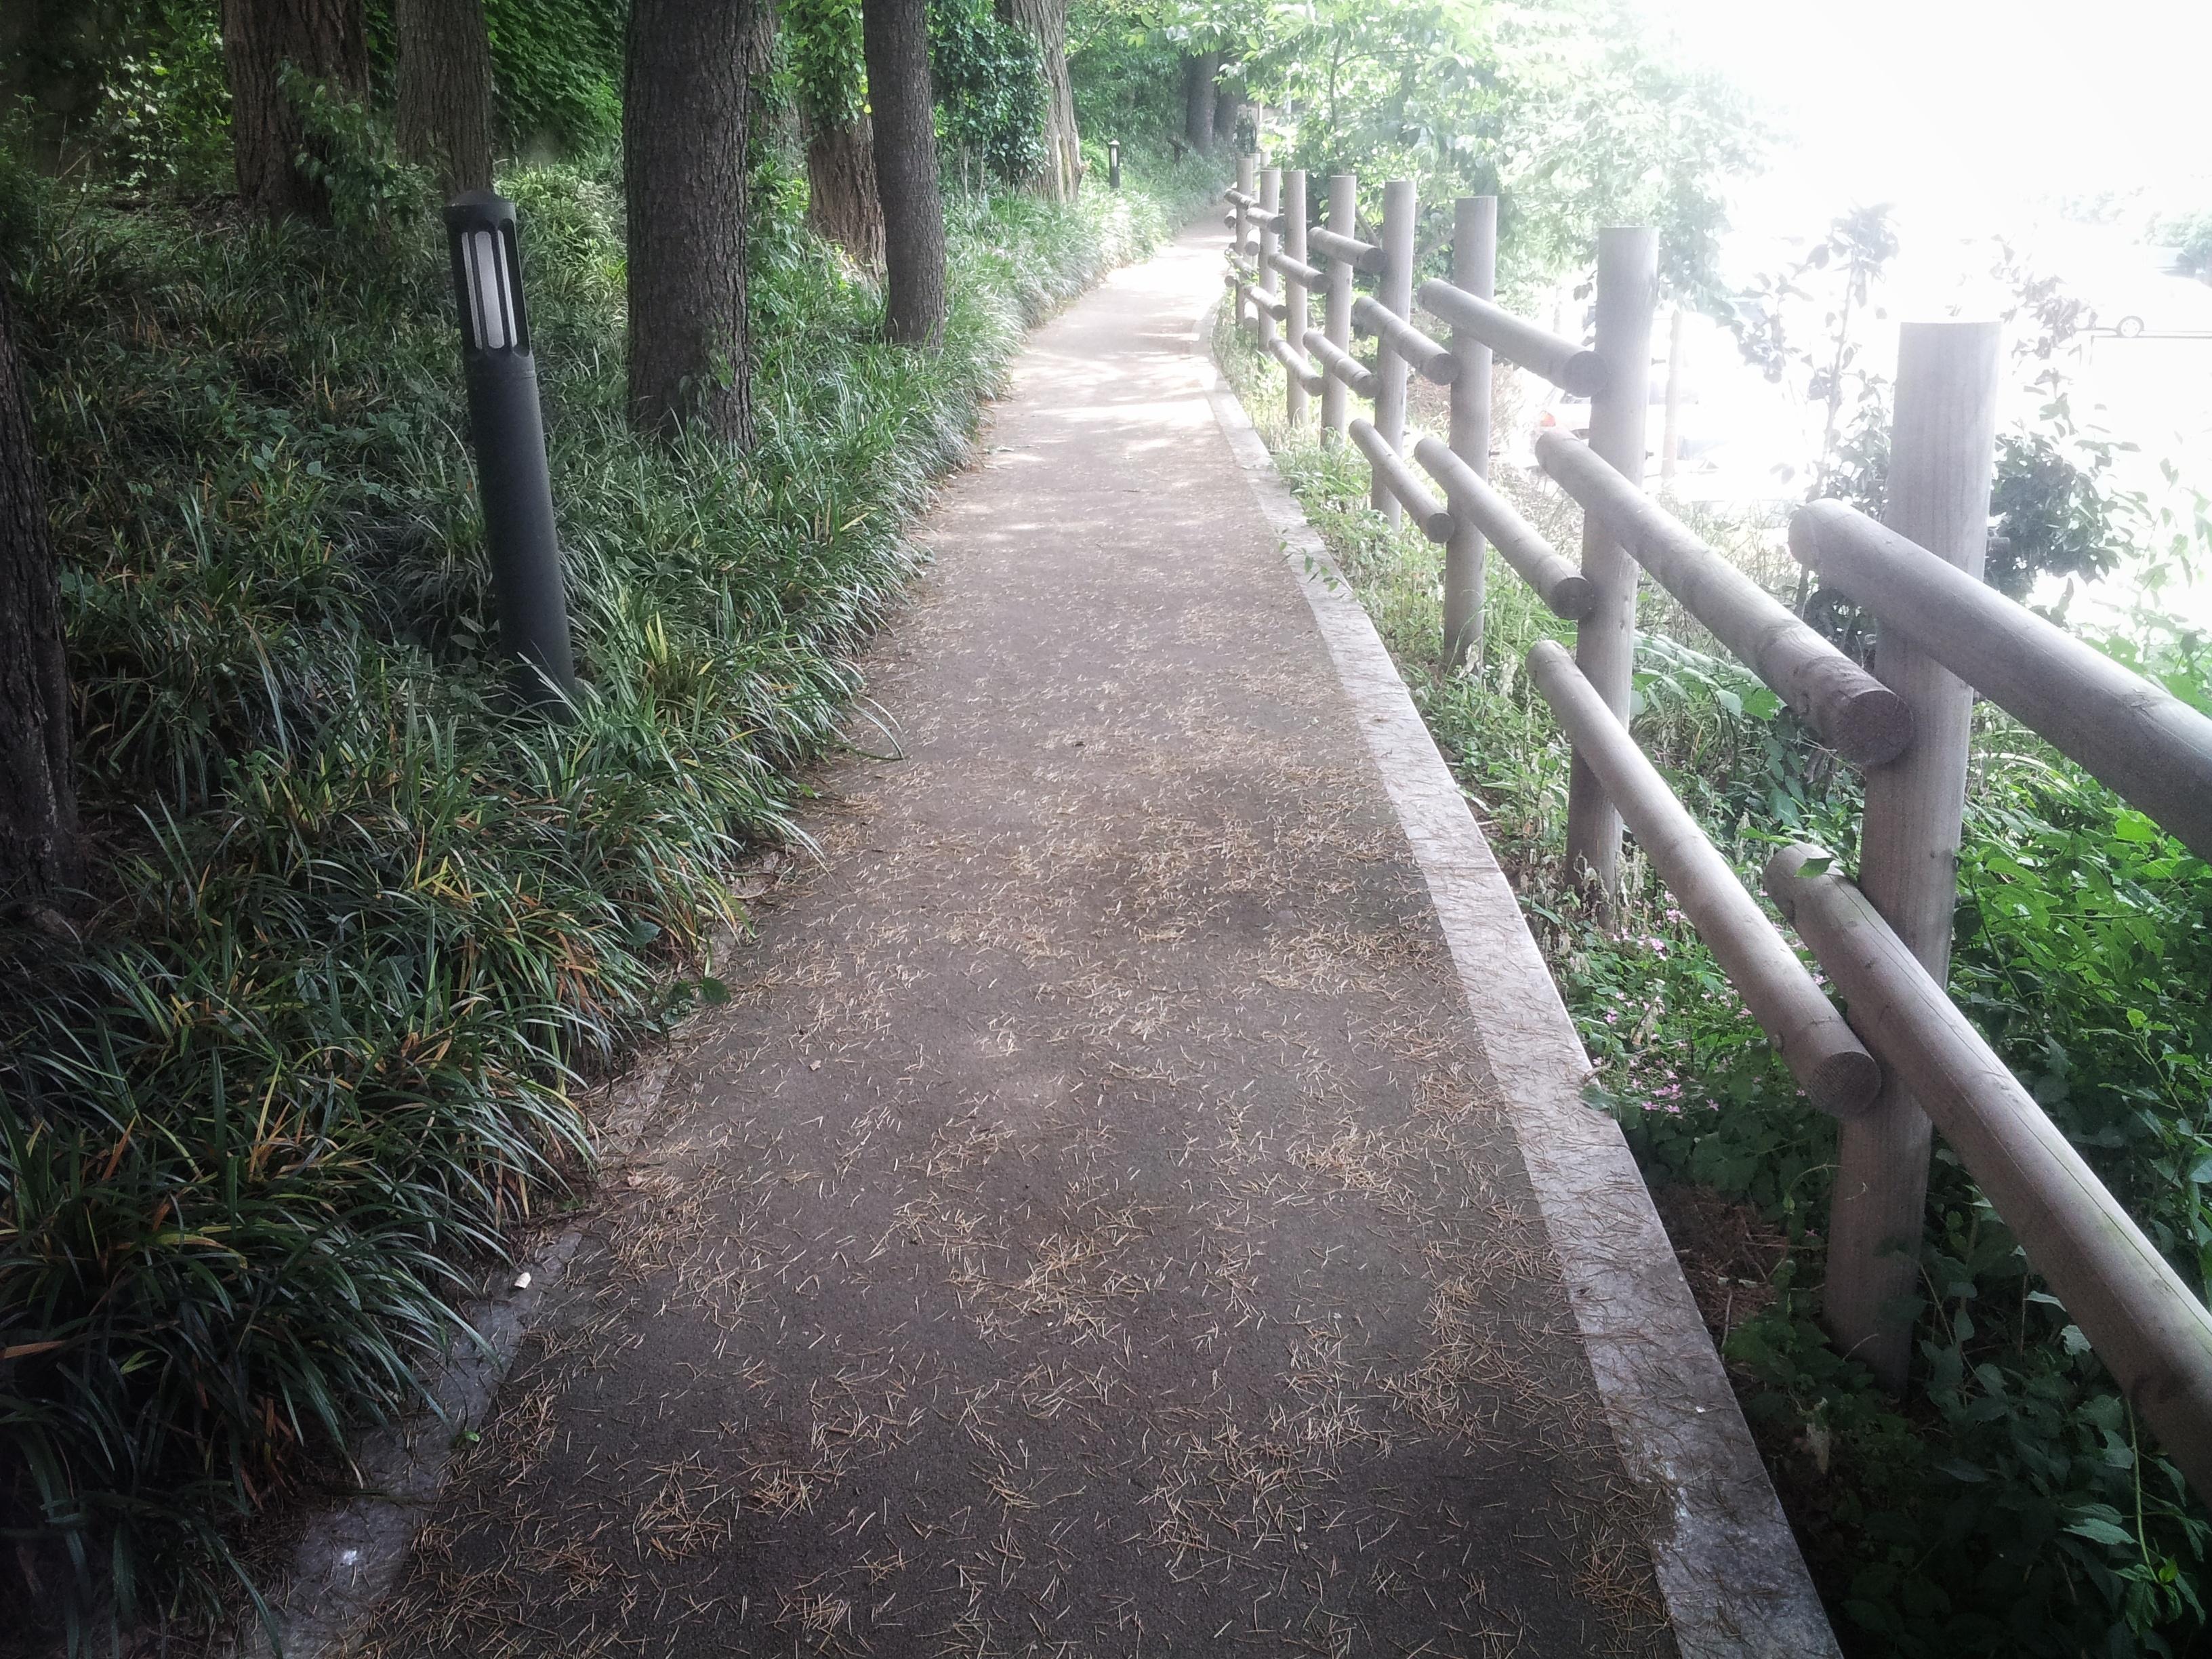 숲길 나무숲 길 산책 투어 풍경 경치 나무 일출 야외 울타리 난간 휴식 자연 태양빛 나무 무료이미지